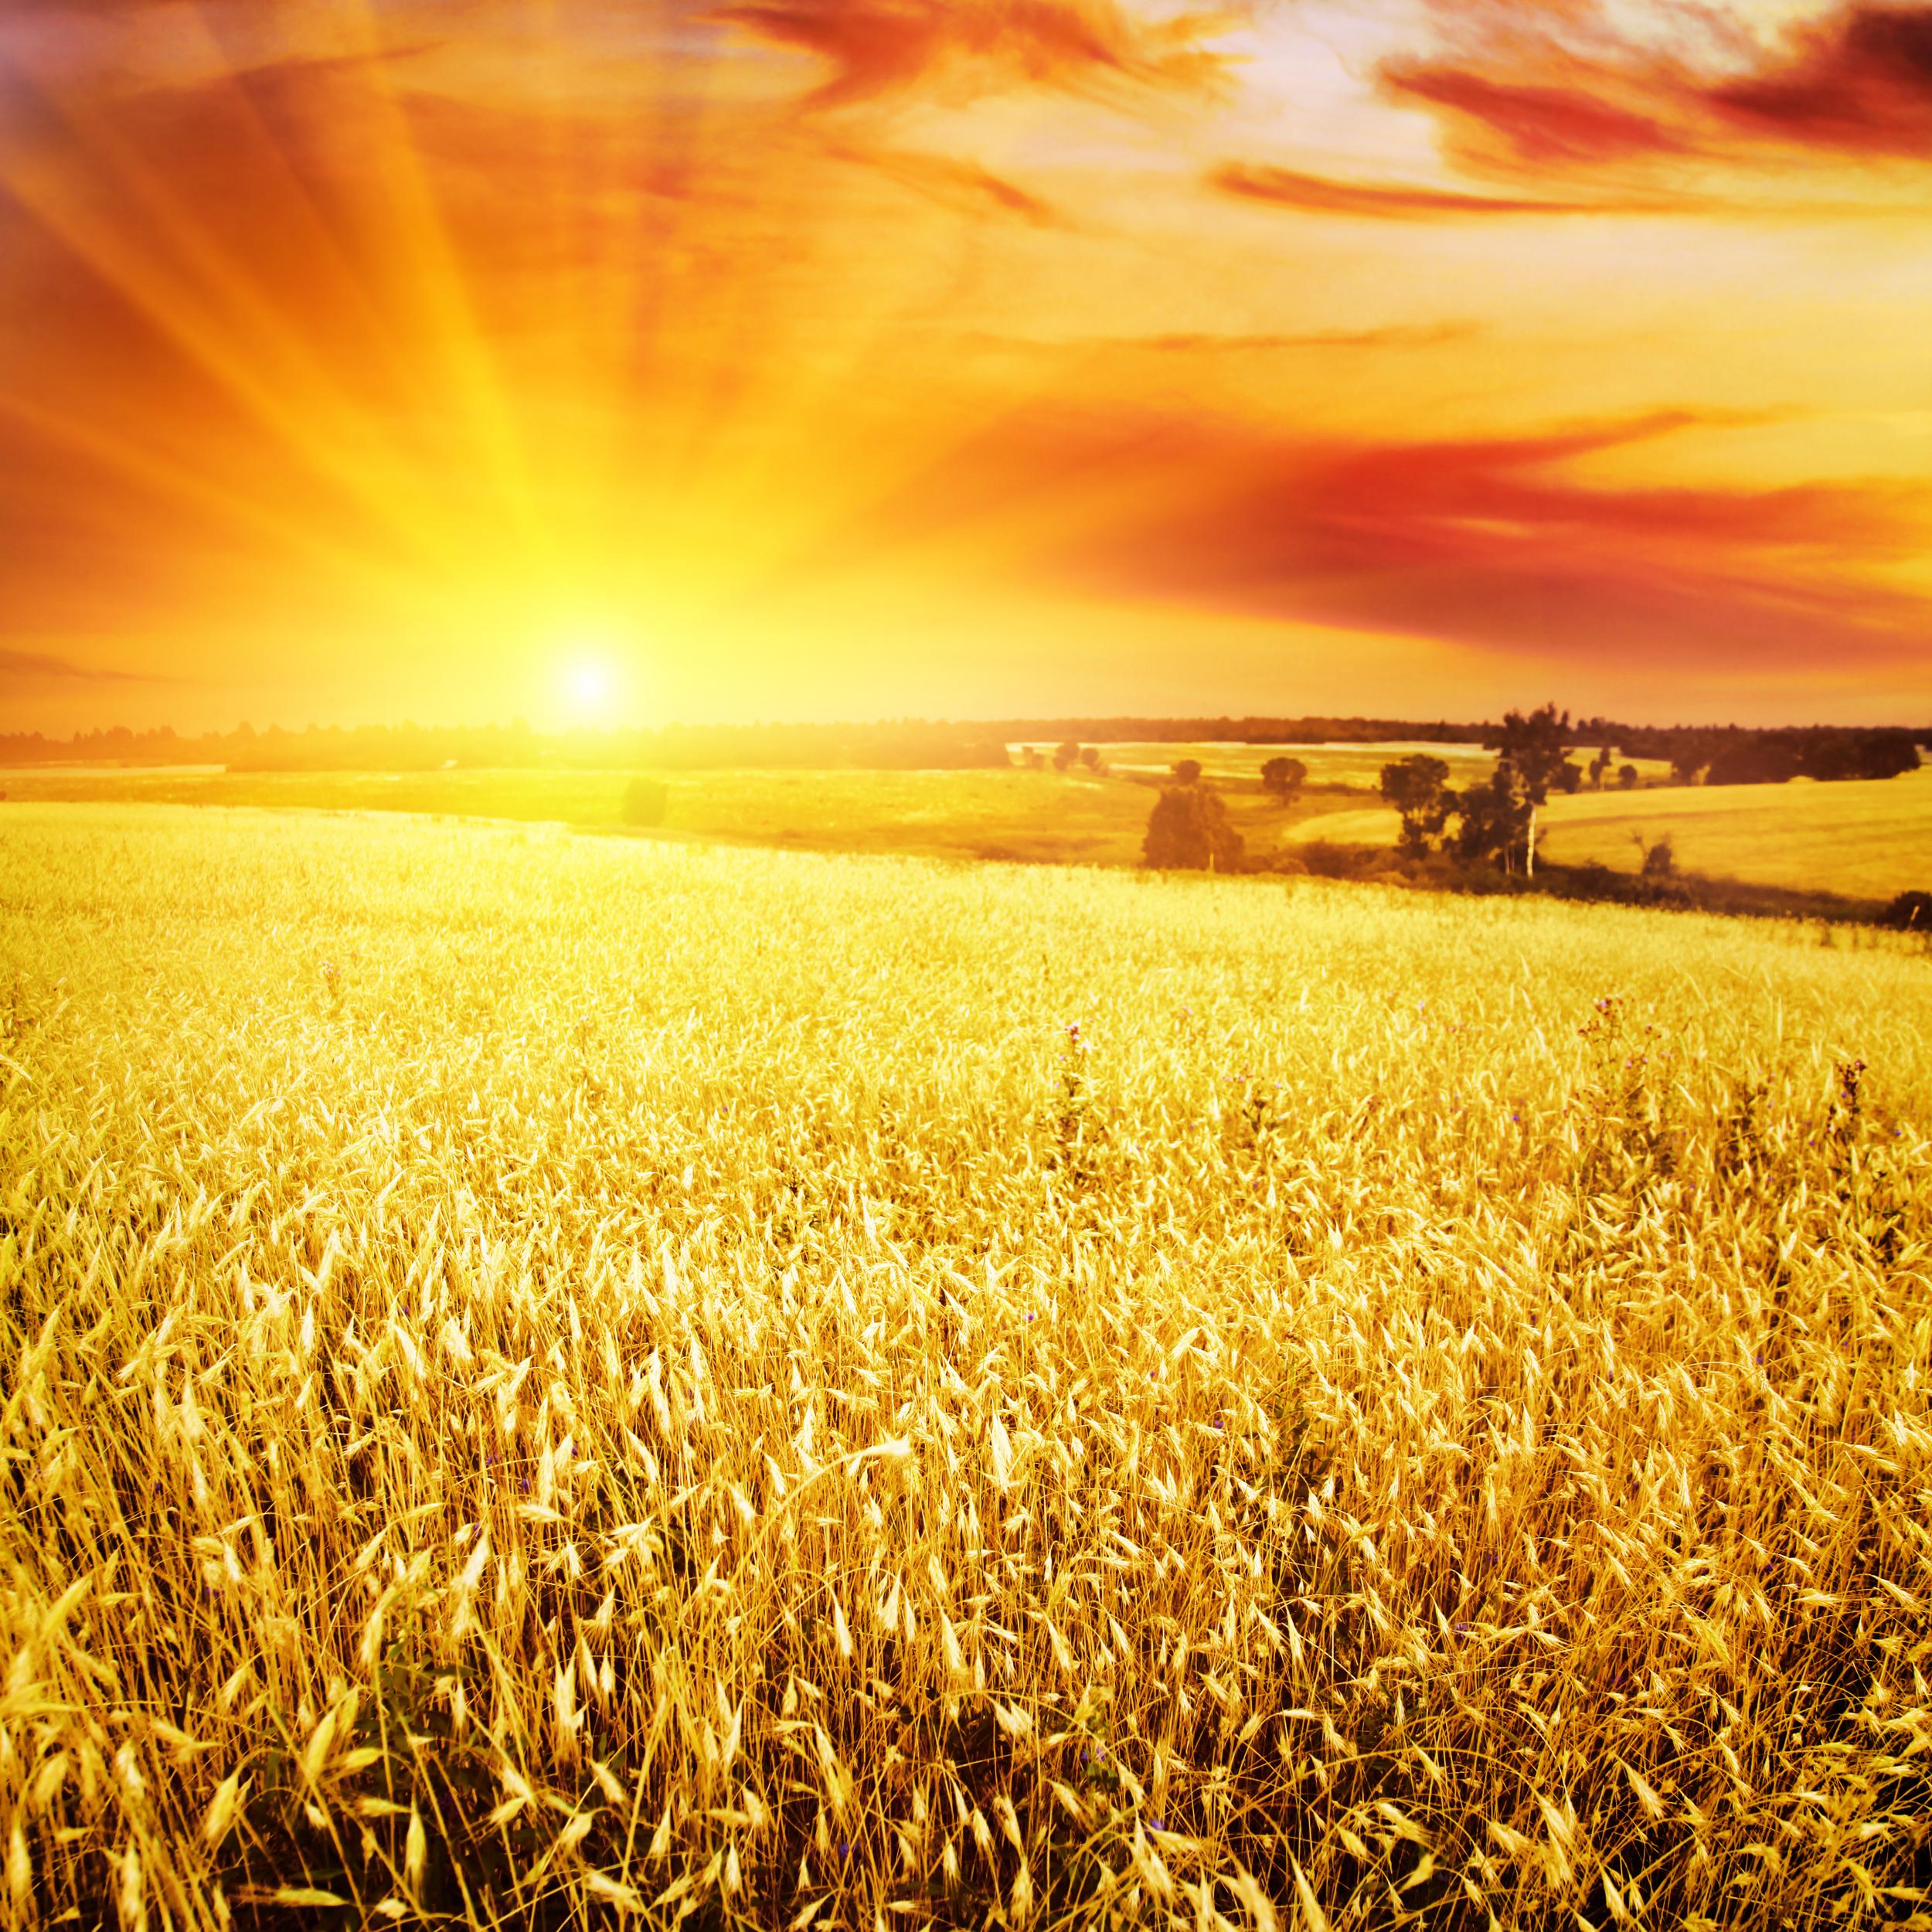 предпочитают картинка рассвет и пшеница удобные стильные, они